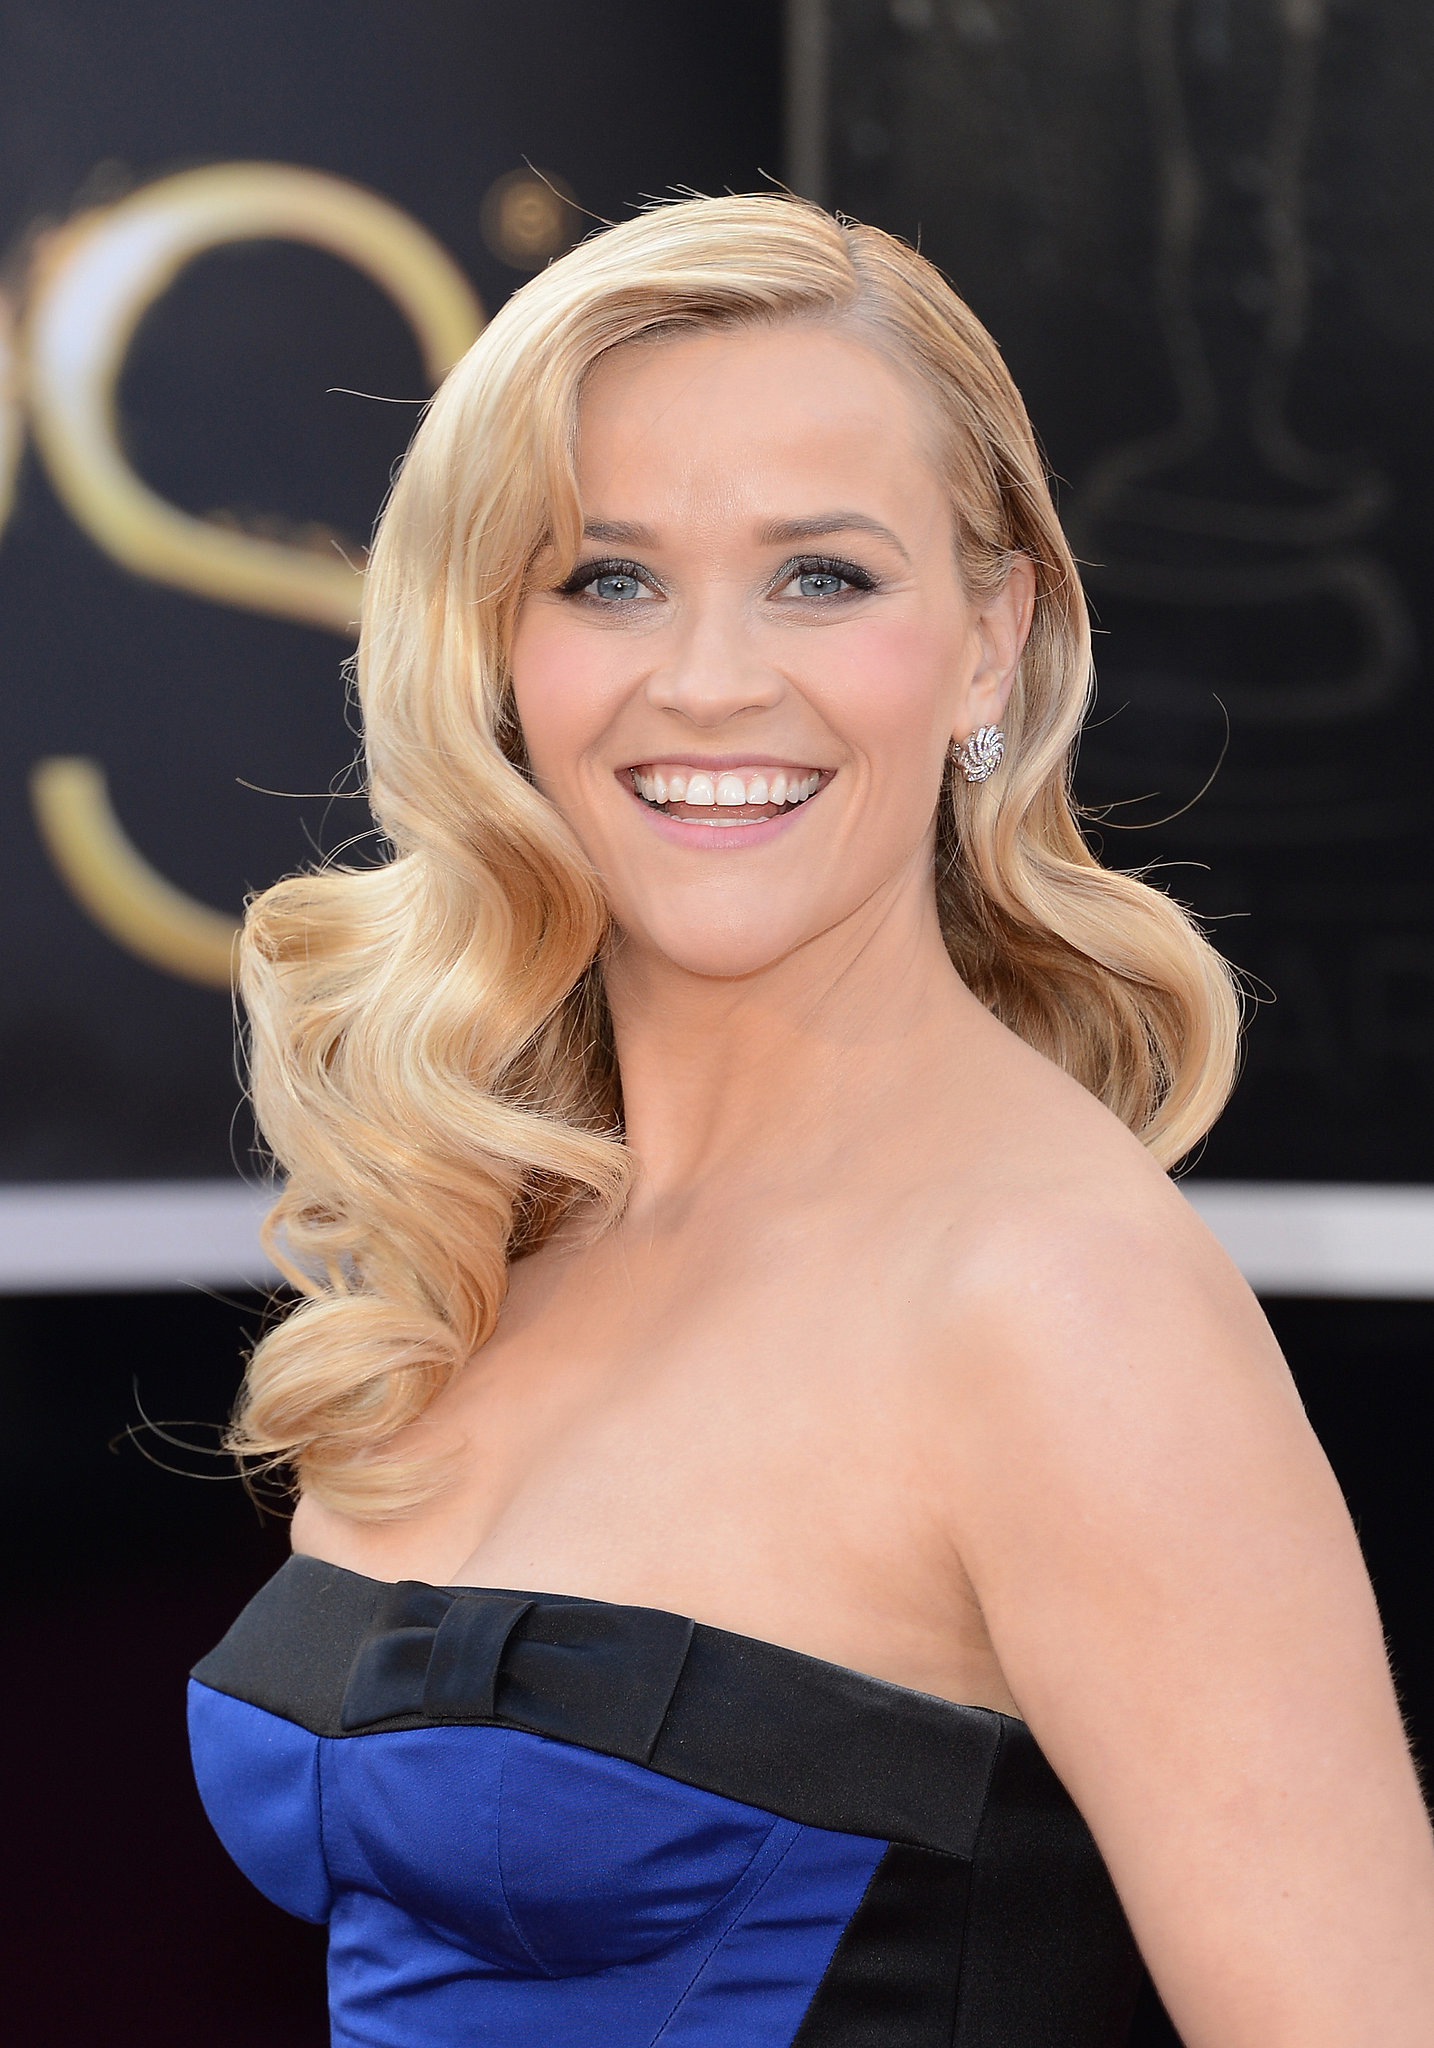 Academy Awards, 2013